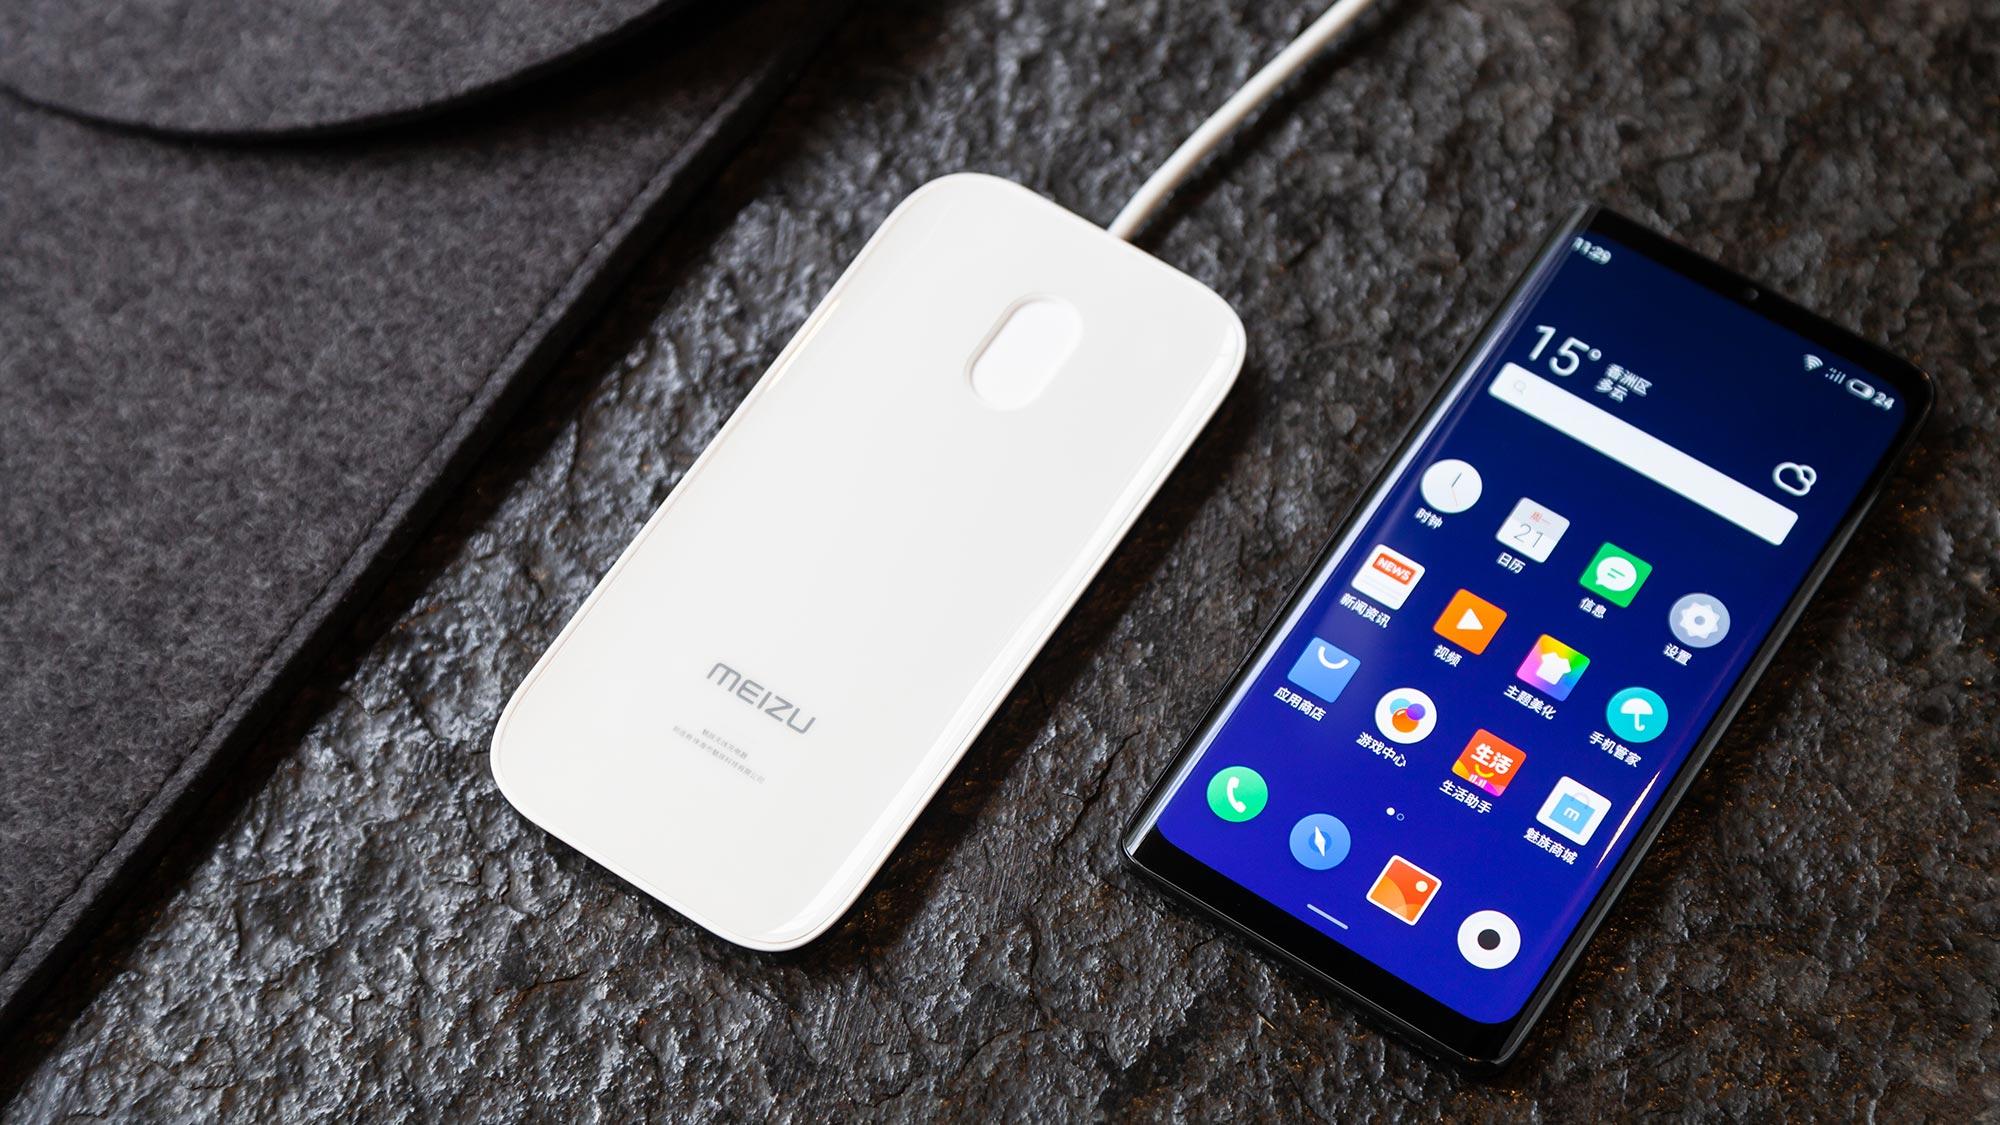 Meizu Zero, czyli smartfon bez portów i przycisków, chciało kupić tylko 29 osób. I tak go nie dostaną 19